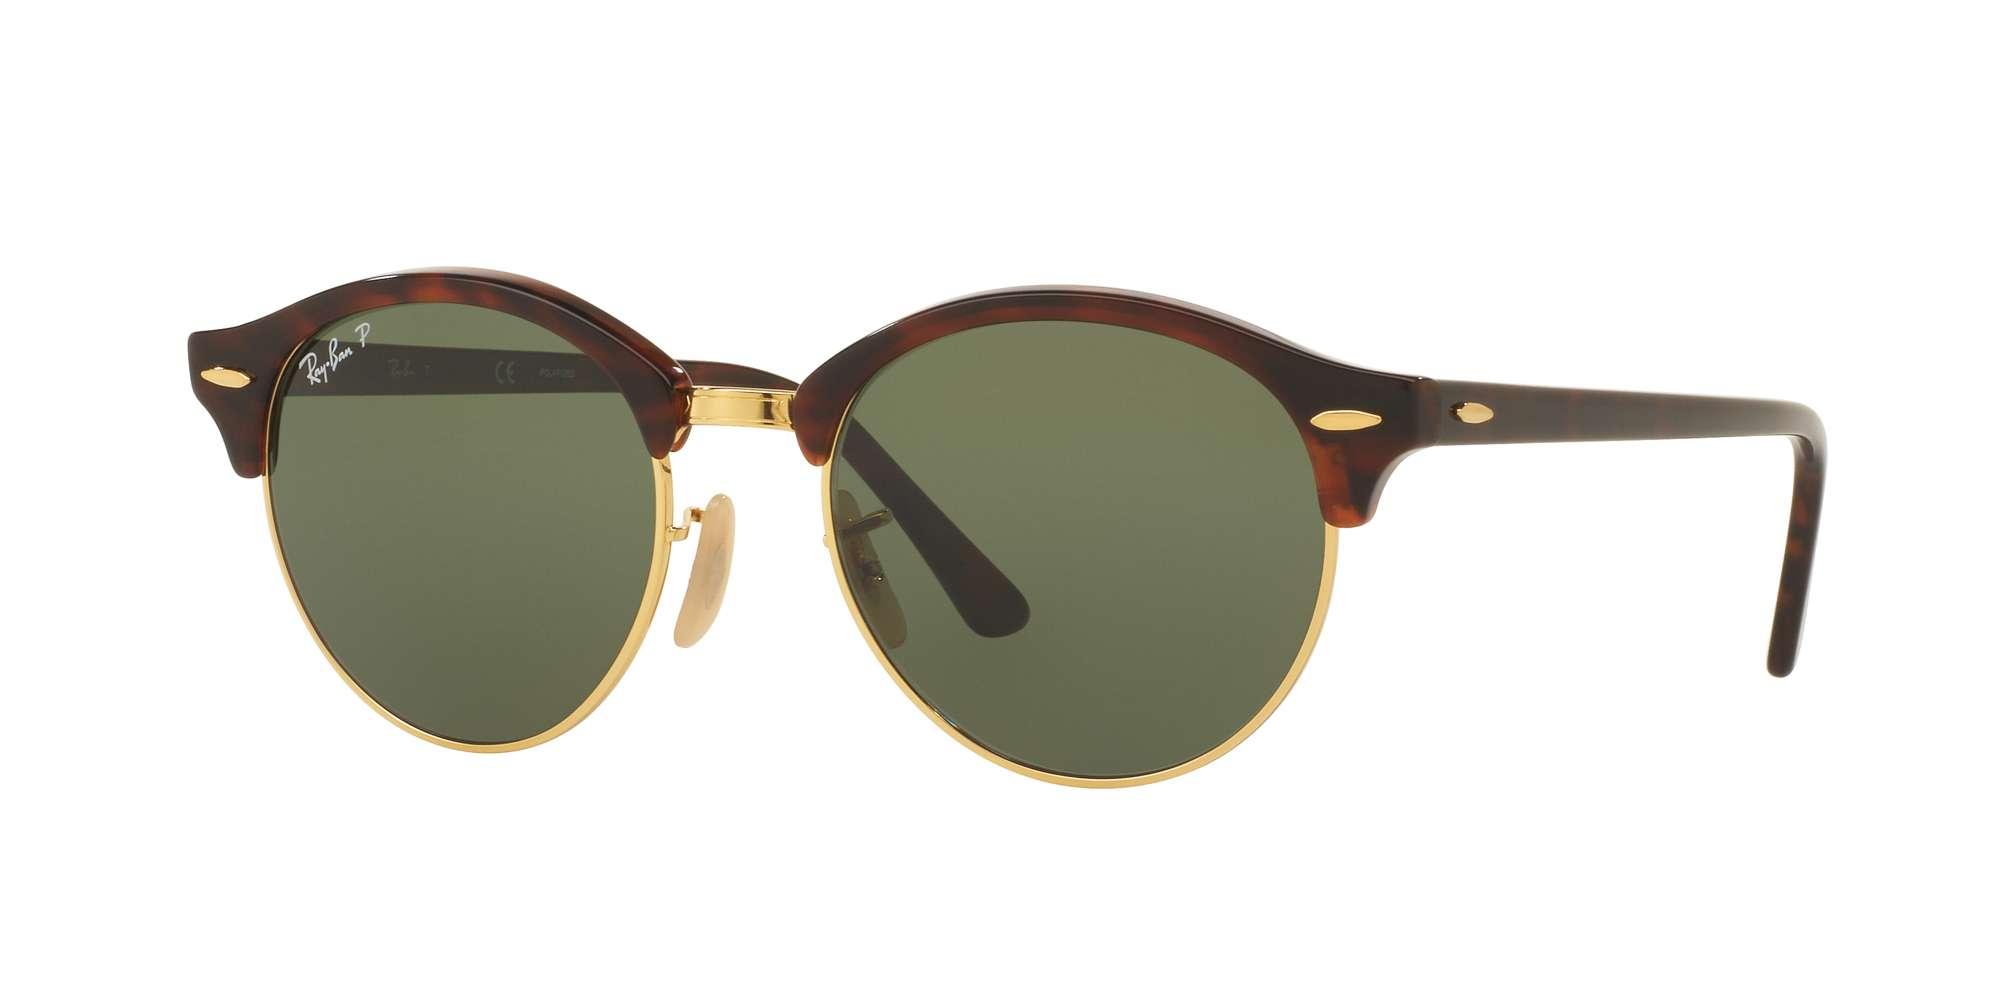 RED HAVANA / POLAR GREEN lenses